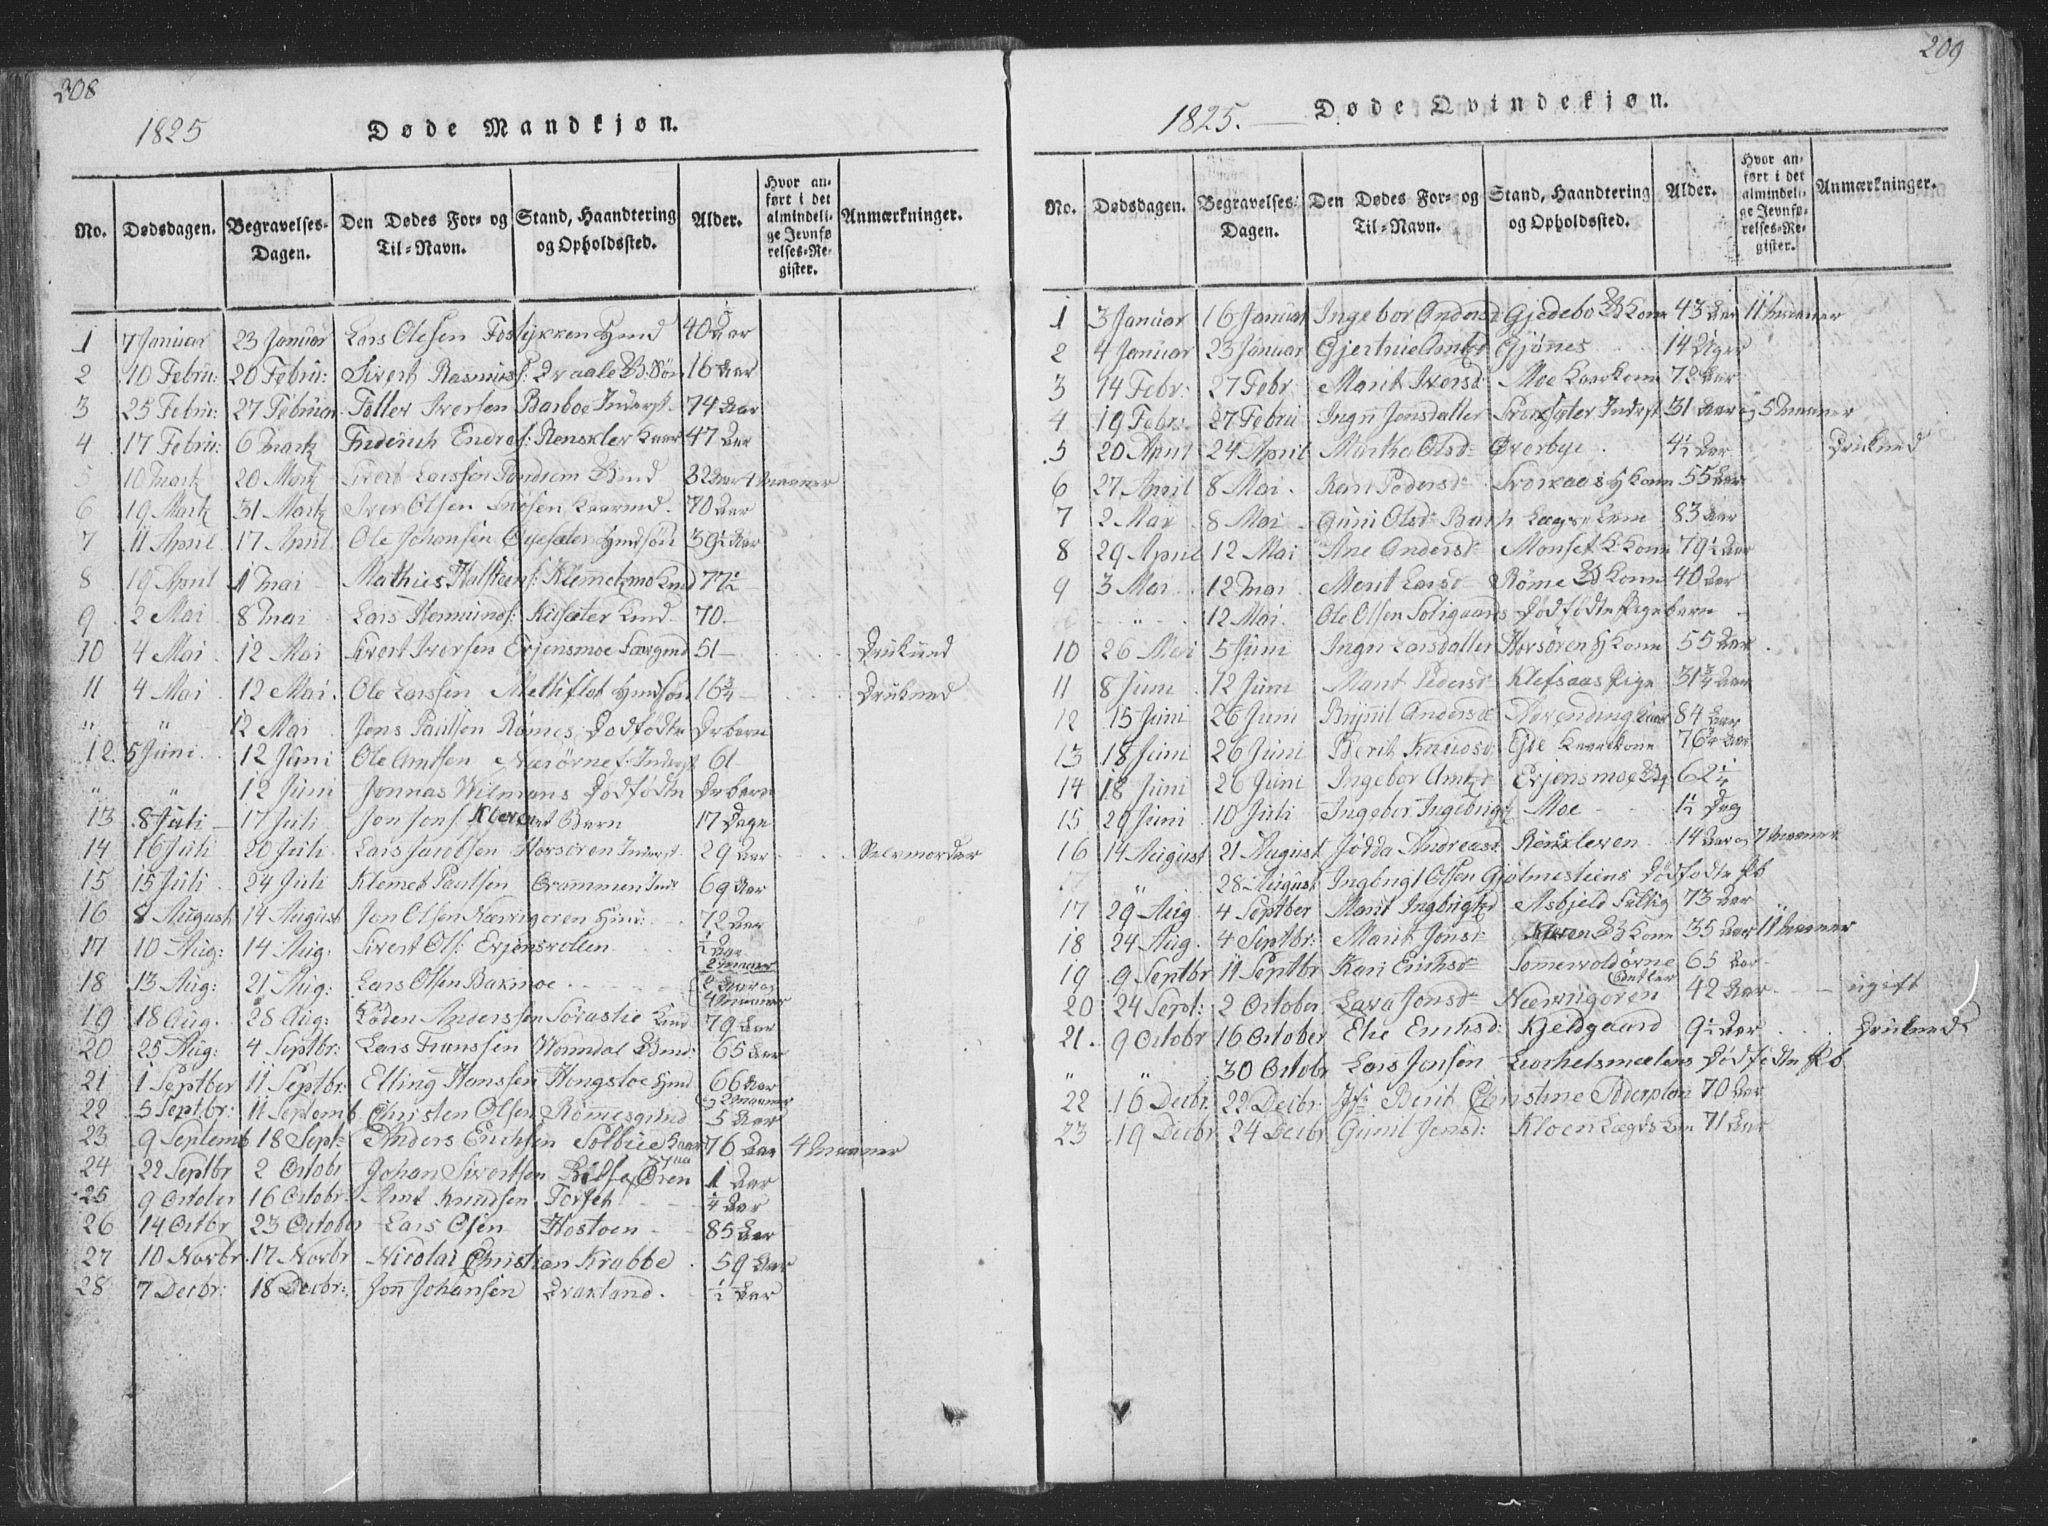 SAT, Ministerialprotokoller, klokkerbøker og fødselsregistre - Sør-Trøndelag, 668/L0816: Klokkerbok nr. 668C05, 1816-1893, s. 208-209